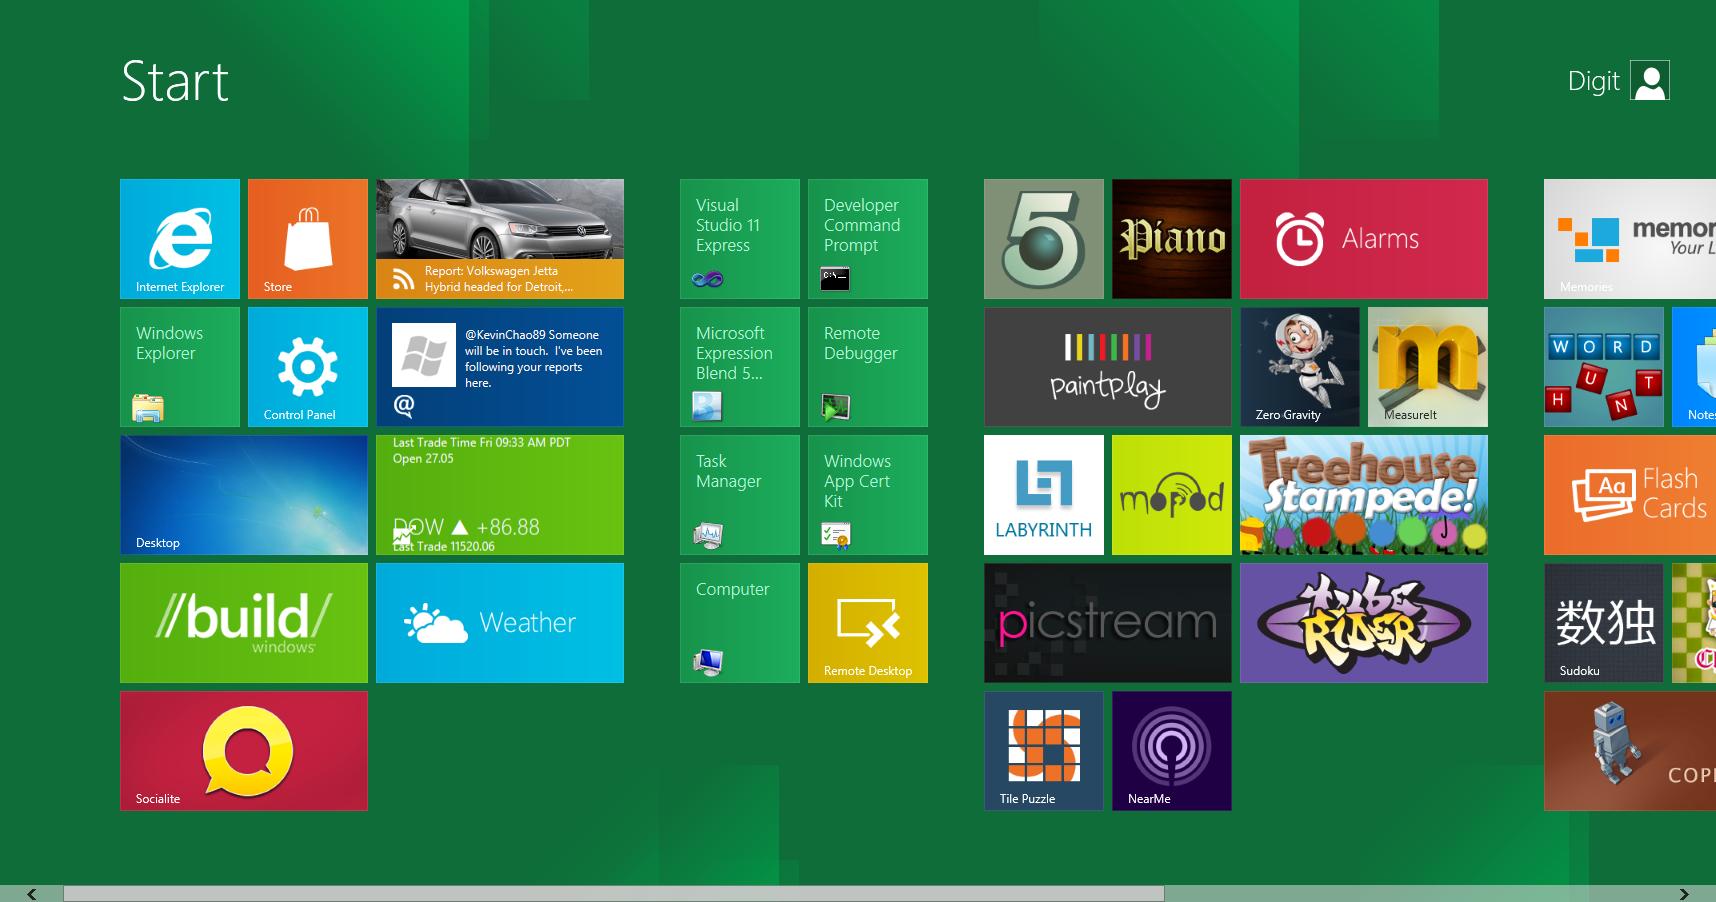 La interfaz de Windows 8 busca crear una experiencia común entre toda la gama de dispositivos de Microsoft